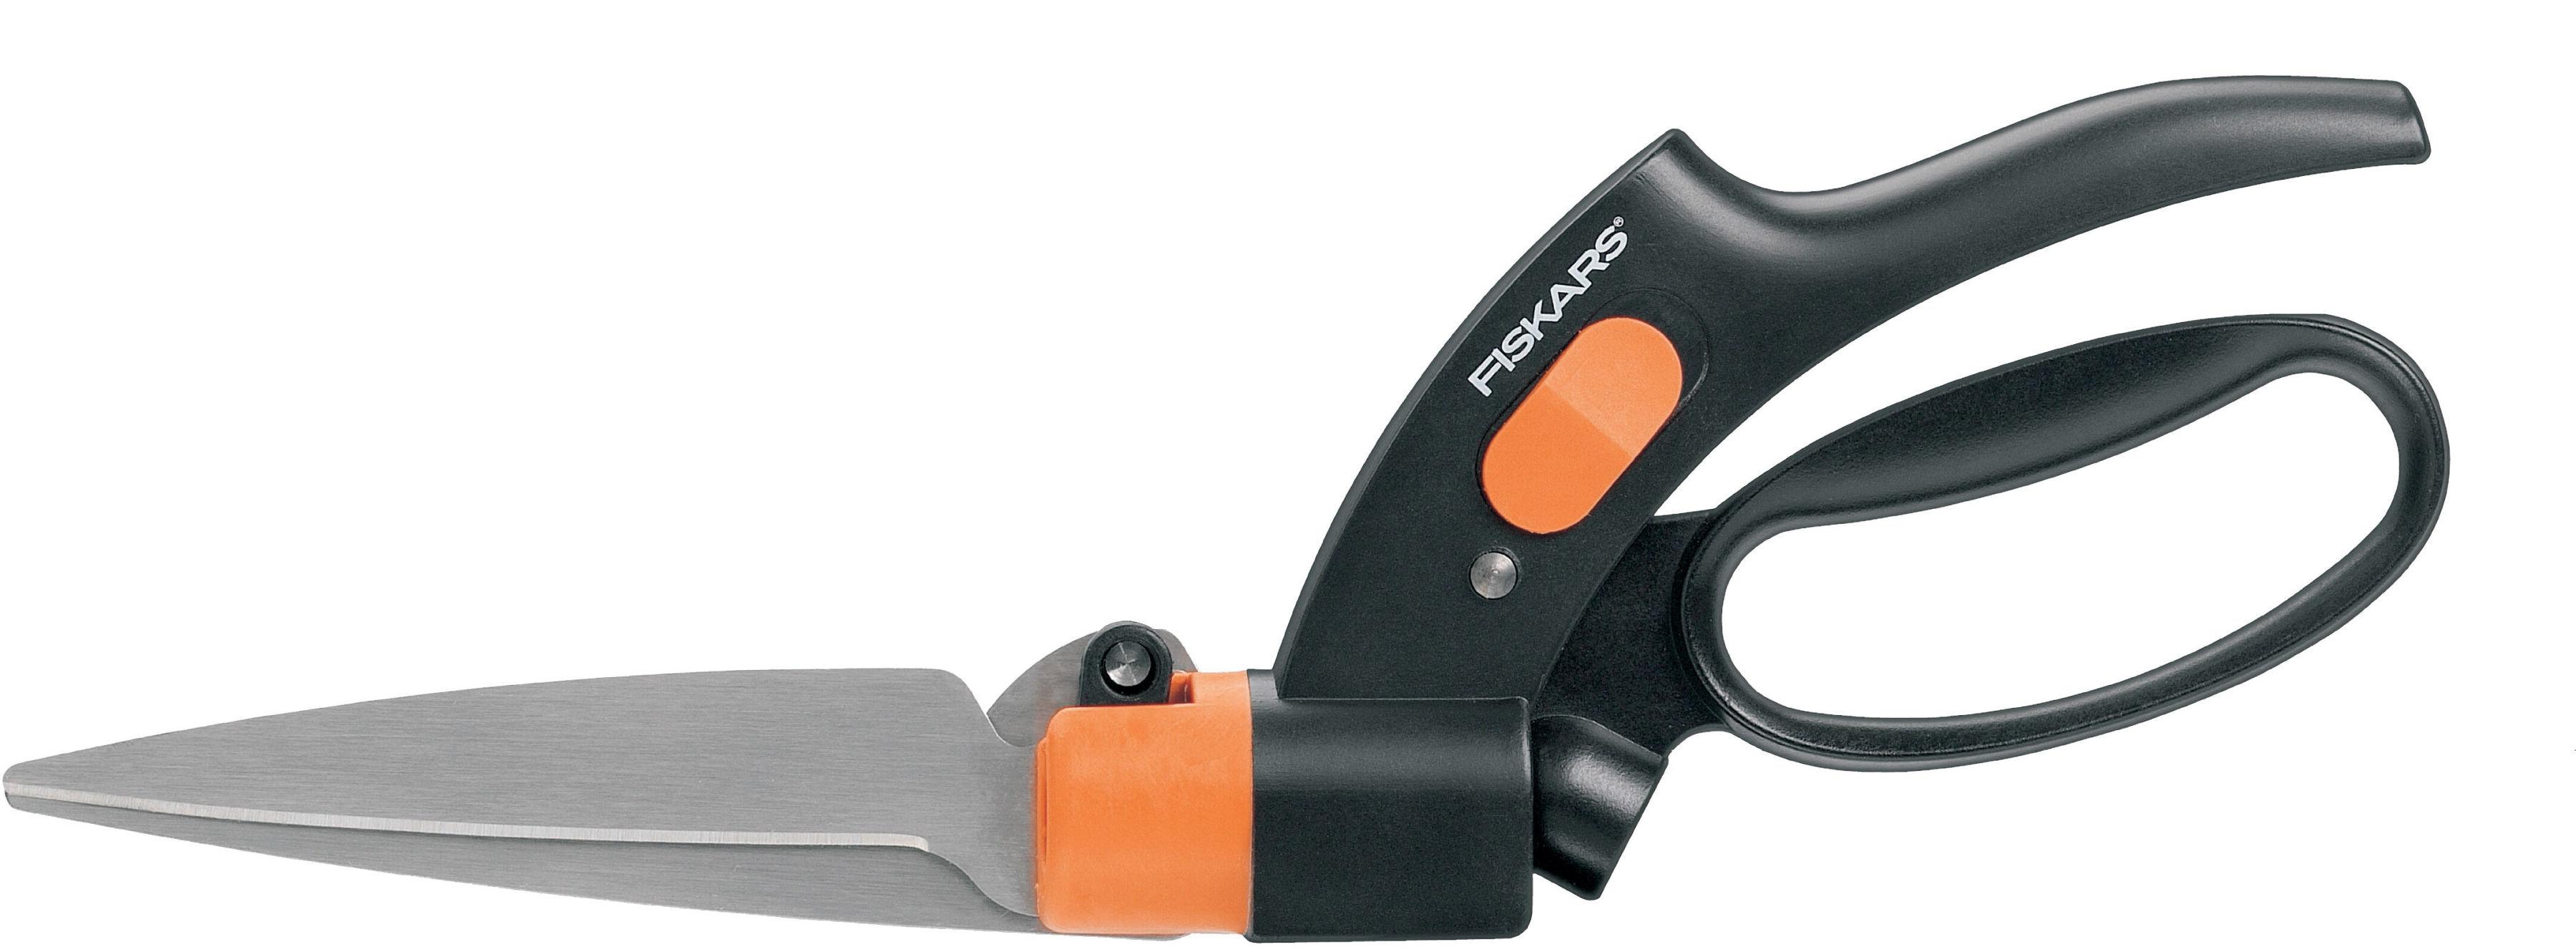 Nożyce do trawy z serwomechanizm.360stopni 322mm gs42[1000589]